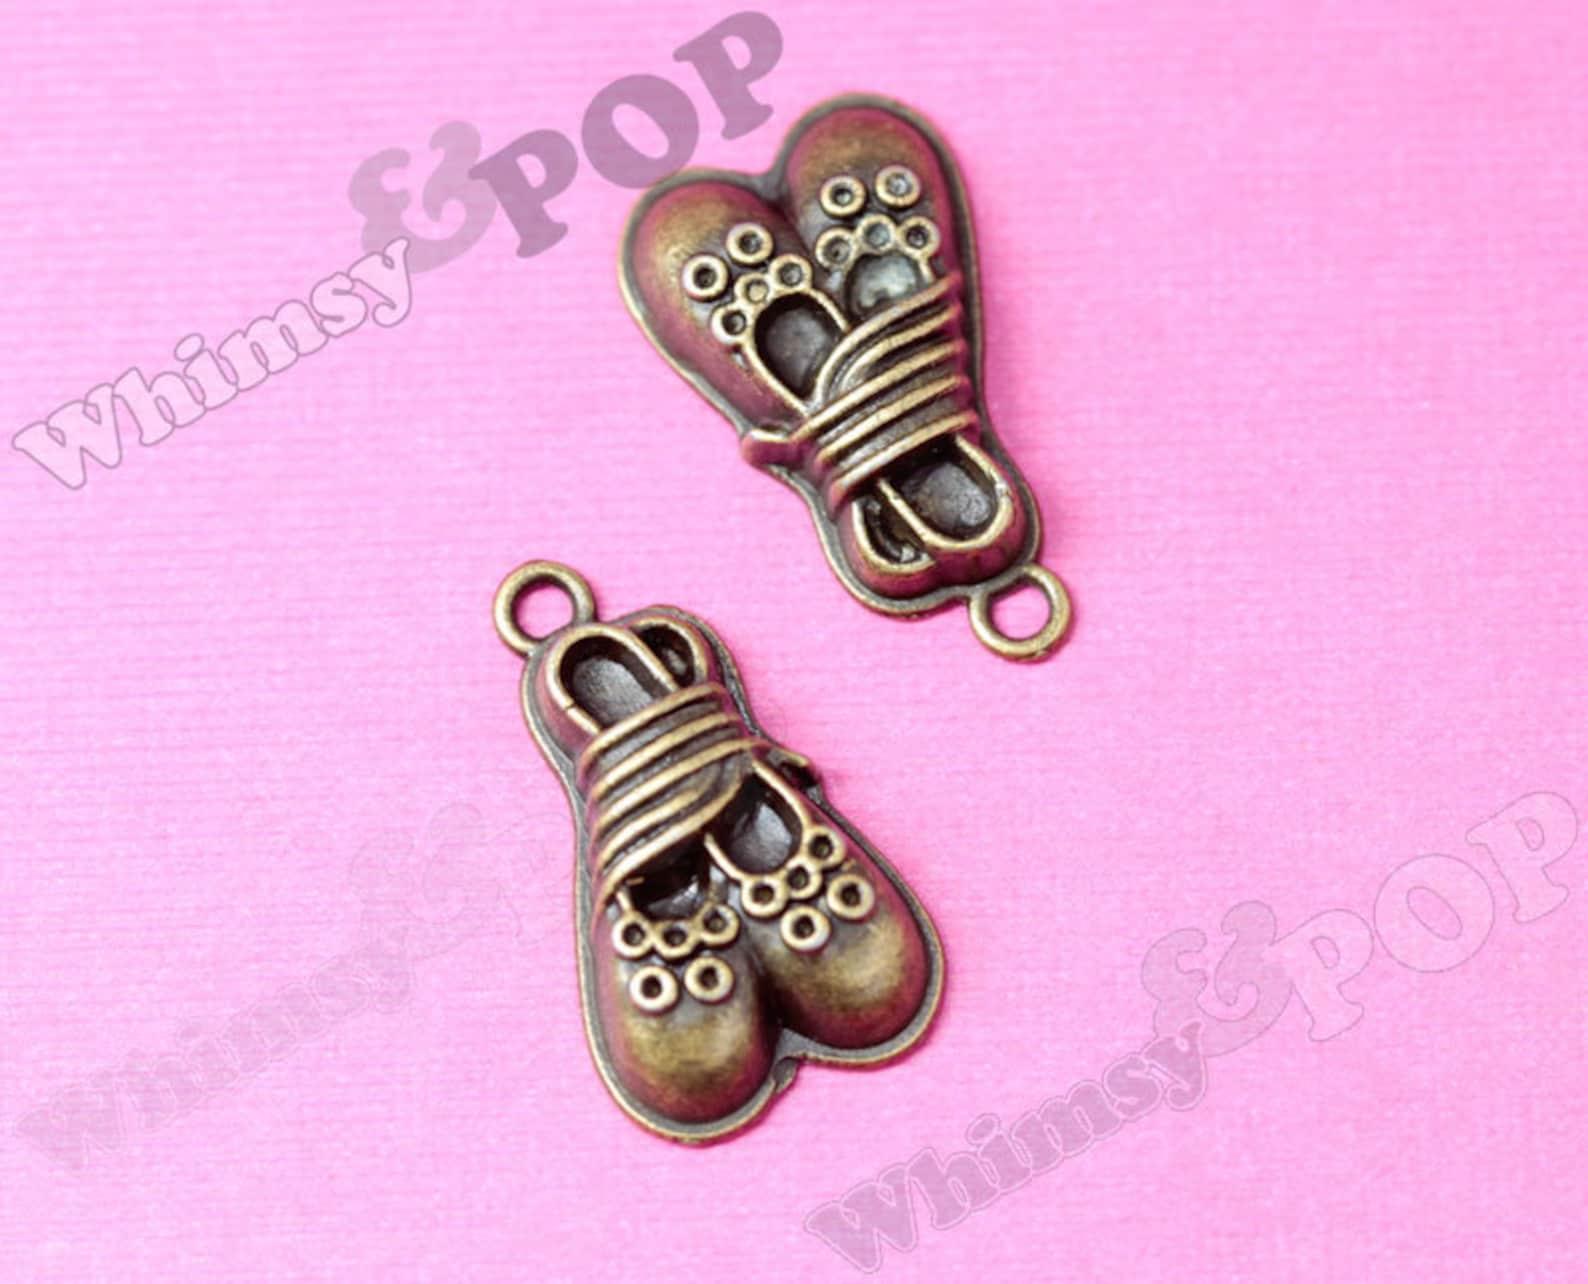 dollar sale antique bronze ballerina ballet shoe charm, shoe charm, ballet charm, slipper charm, dancing charm 24mm x 14mm (r9-0